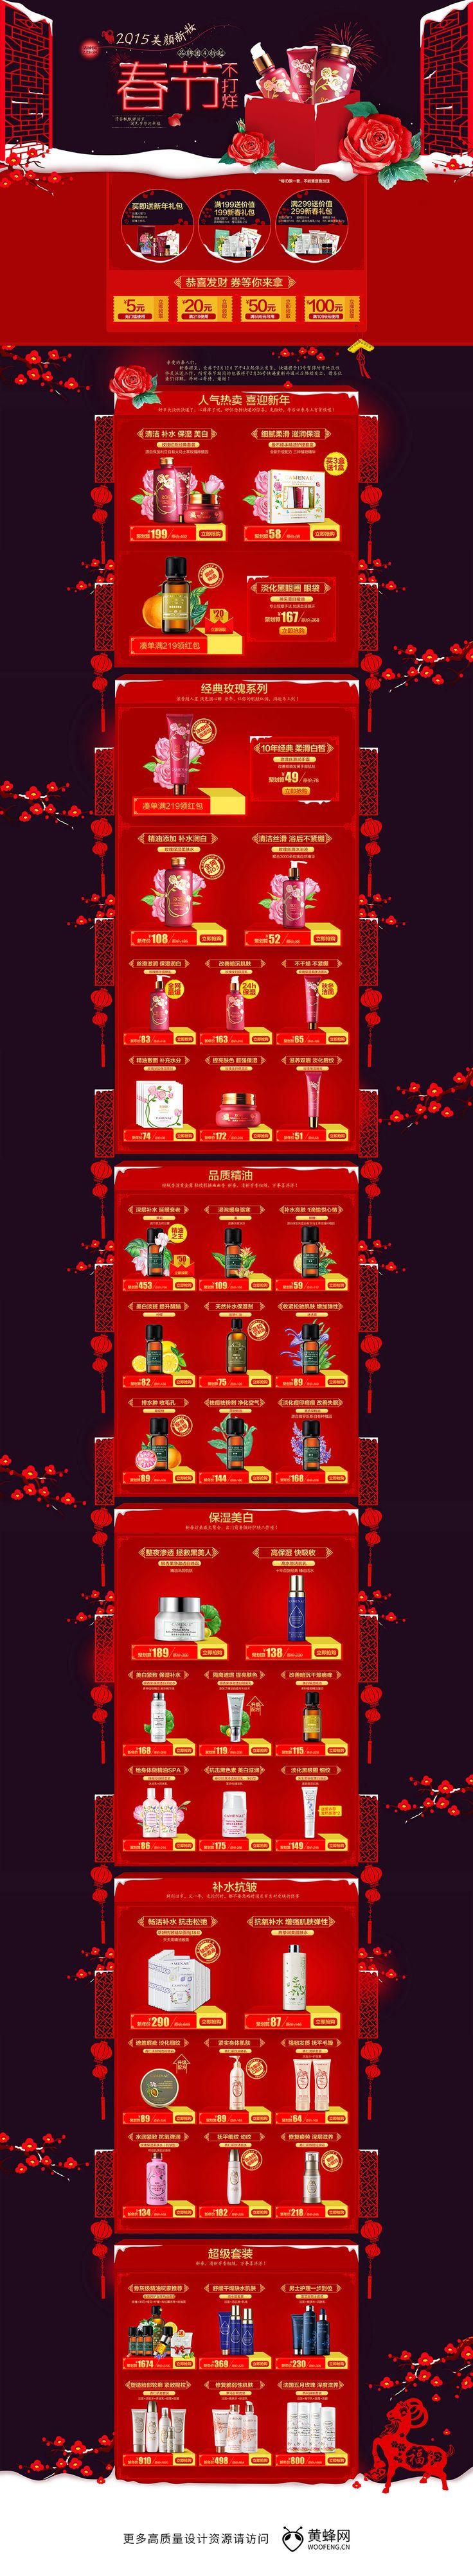 嘉媚乐彩妆美妆化妆品新年春节新春红色喜庆天猫首页活动专题页面设计 来源自黄蜂网http://woofeng.cn/